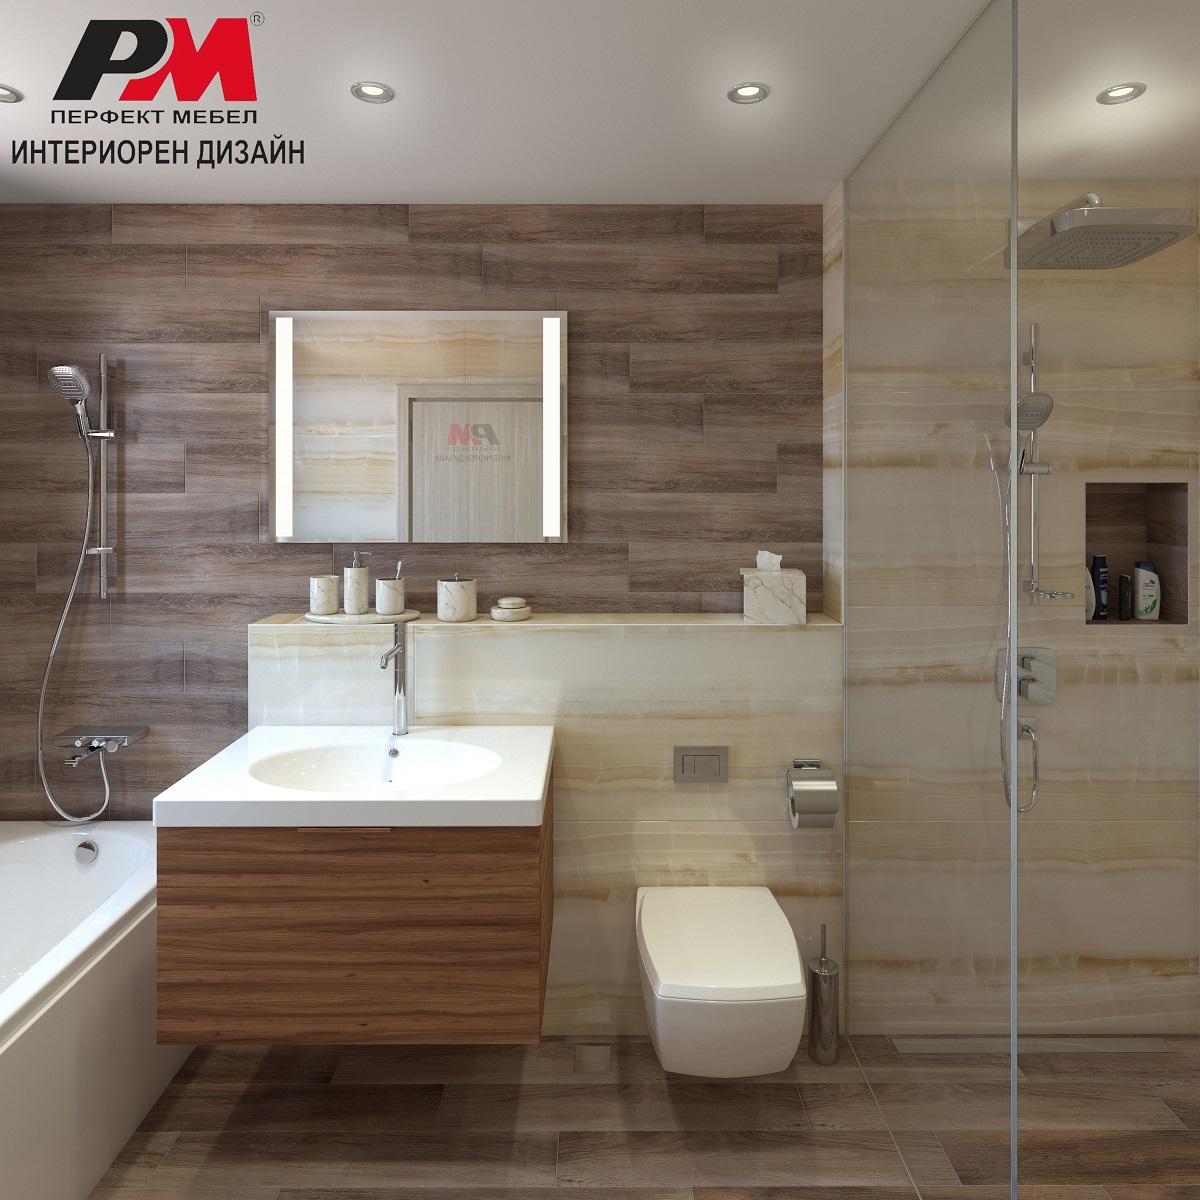 Елегантен проект на луксозна баня в крем и дървесен декор